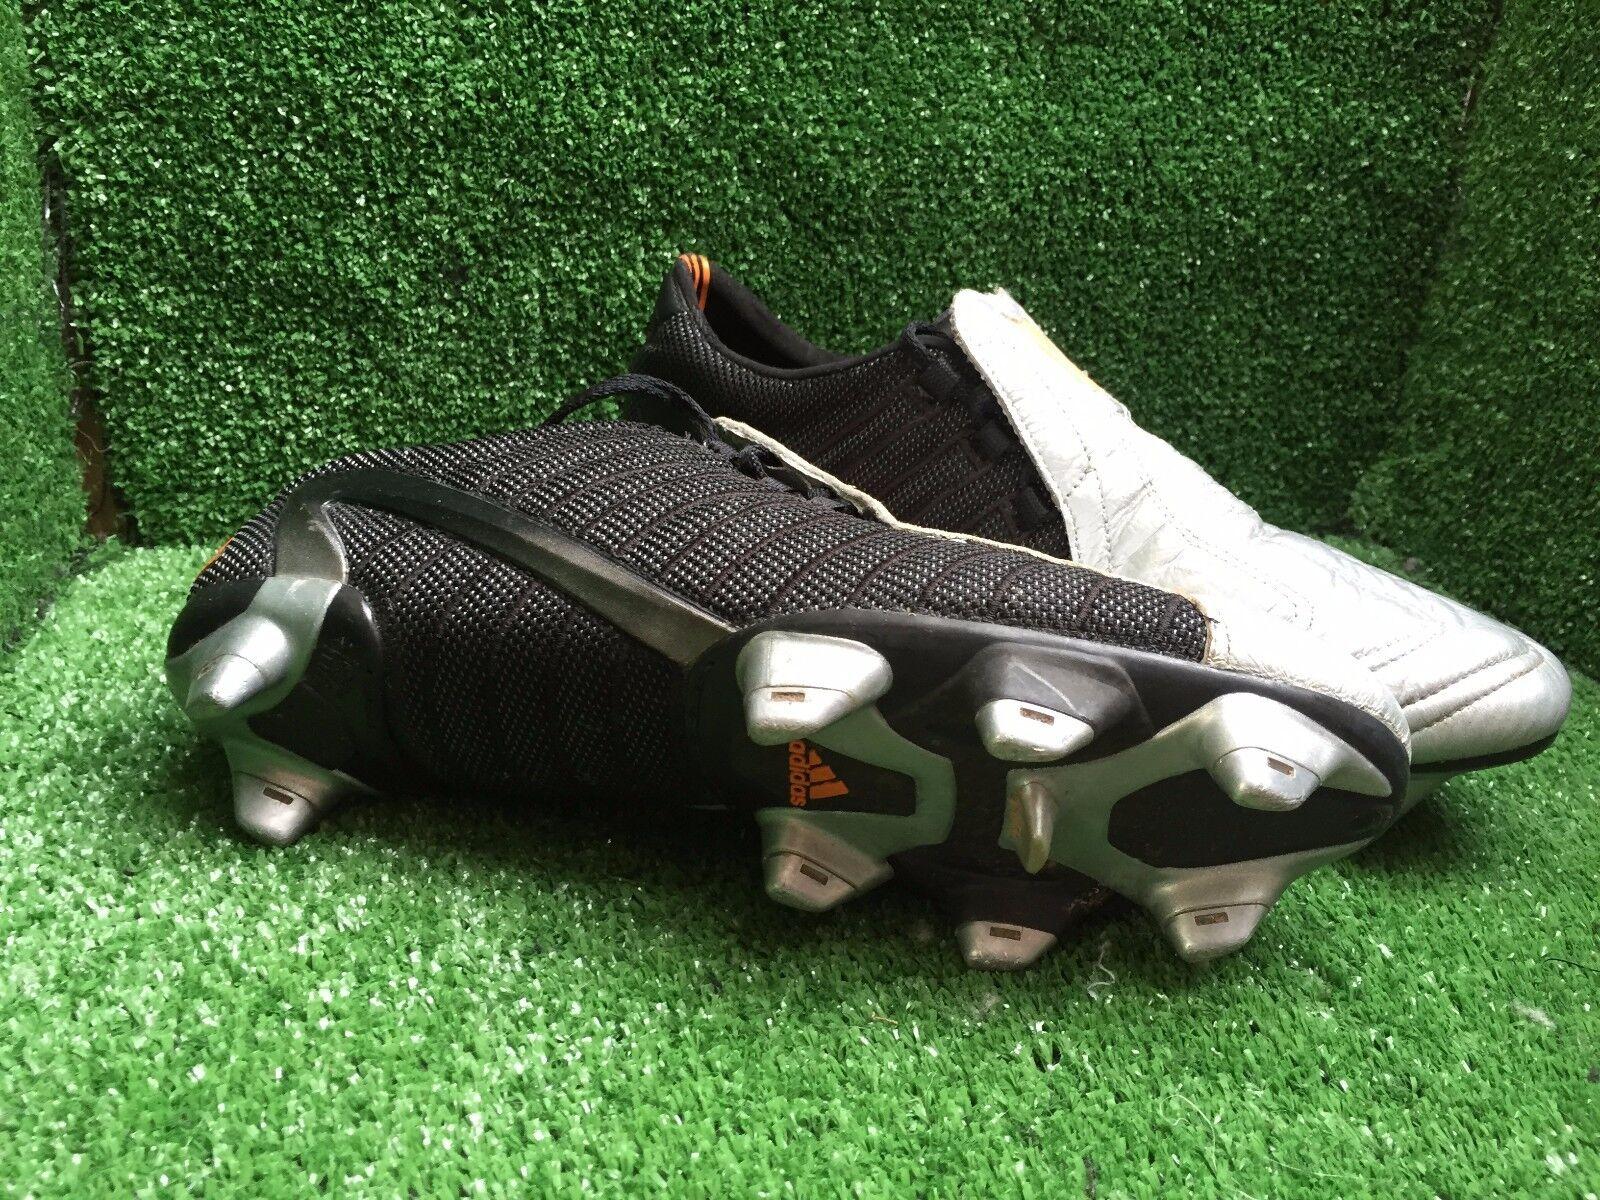 Adidas Projoator F50+ TRX SG botas De Fútbol Ee. UU. 9 Reino Unido 8,5